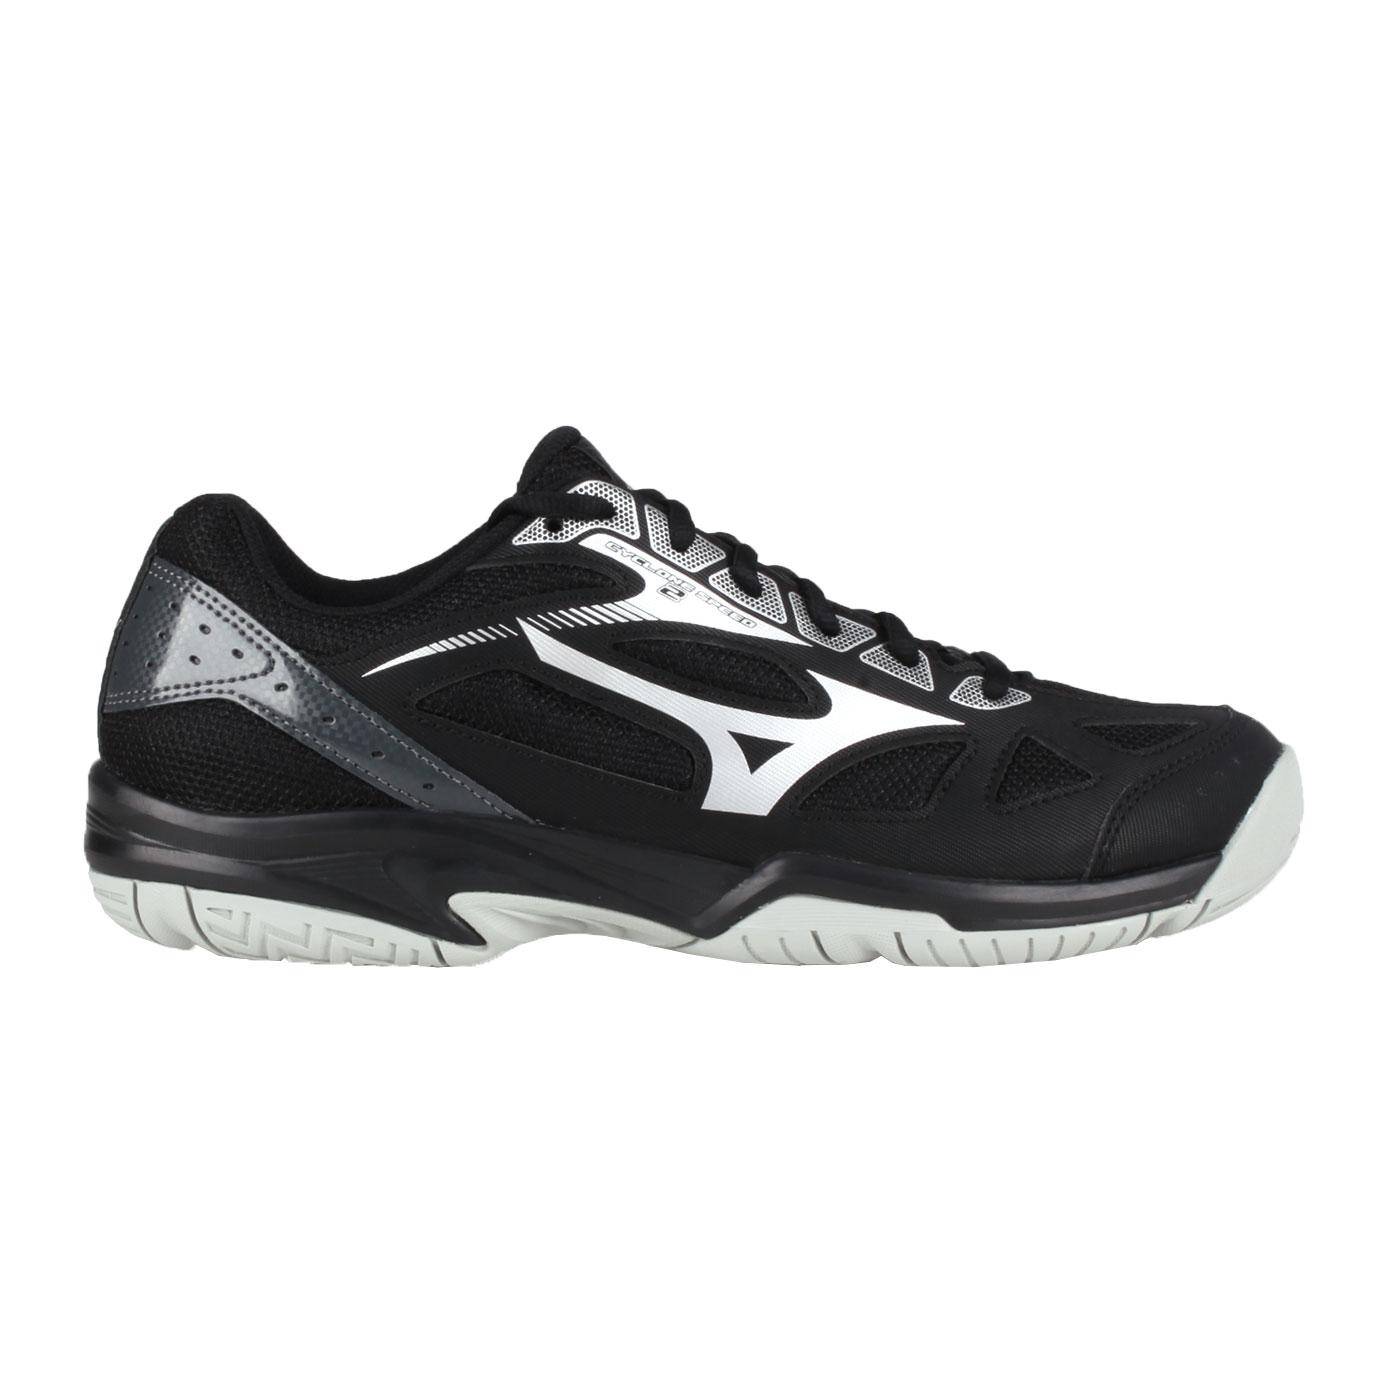 MIZUNO 排球鞋  @CYCLONE SPEED 2@V1GA198002 - 黑黑銀